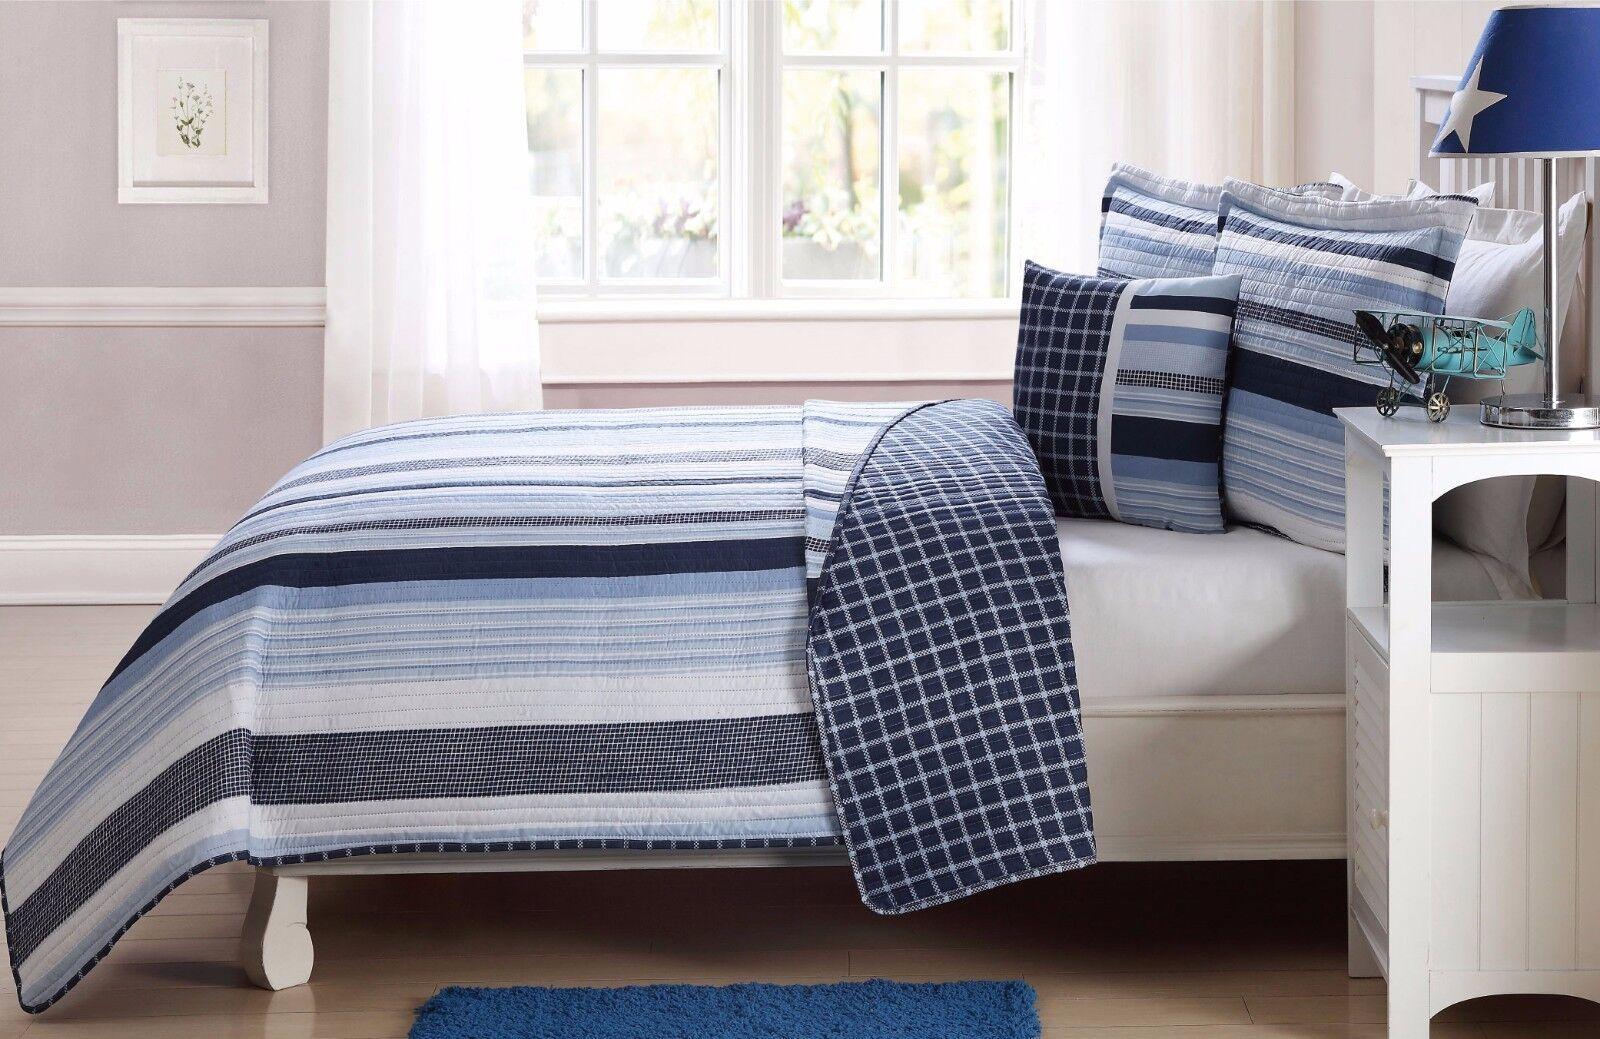 Fancy Linen 4pc Full Size Reversible Bedspread Elegant Strip